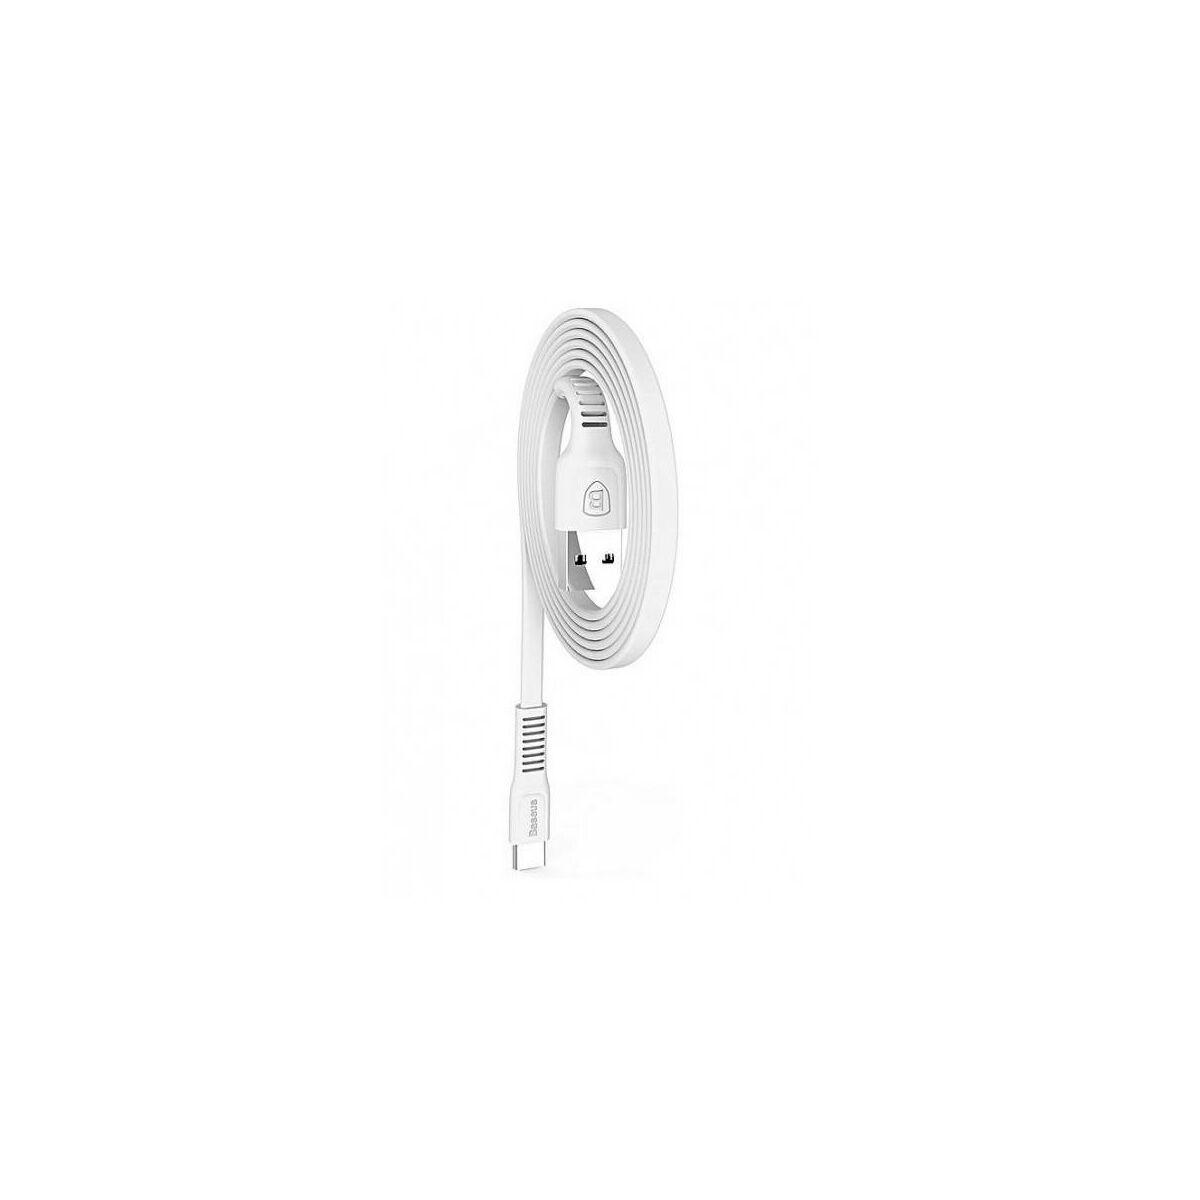 Baseus Type-C kábel, Tough series törésálló kábel, 2A, 1m, fehér (CATZY-B02)